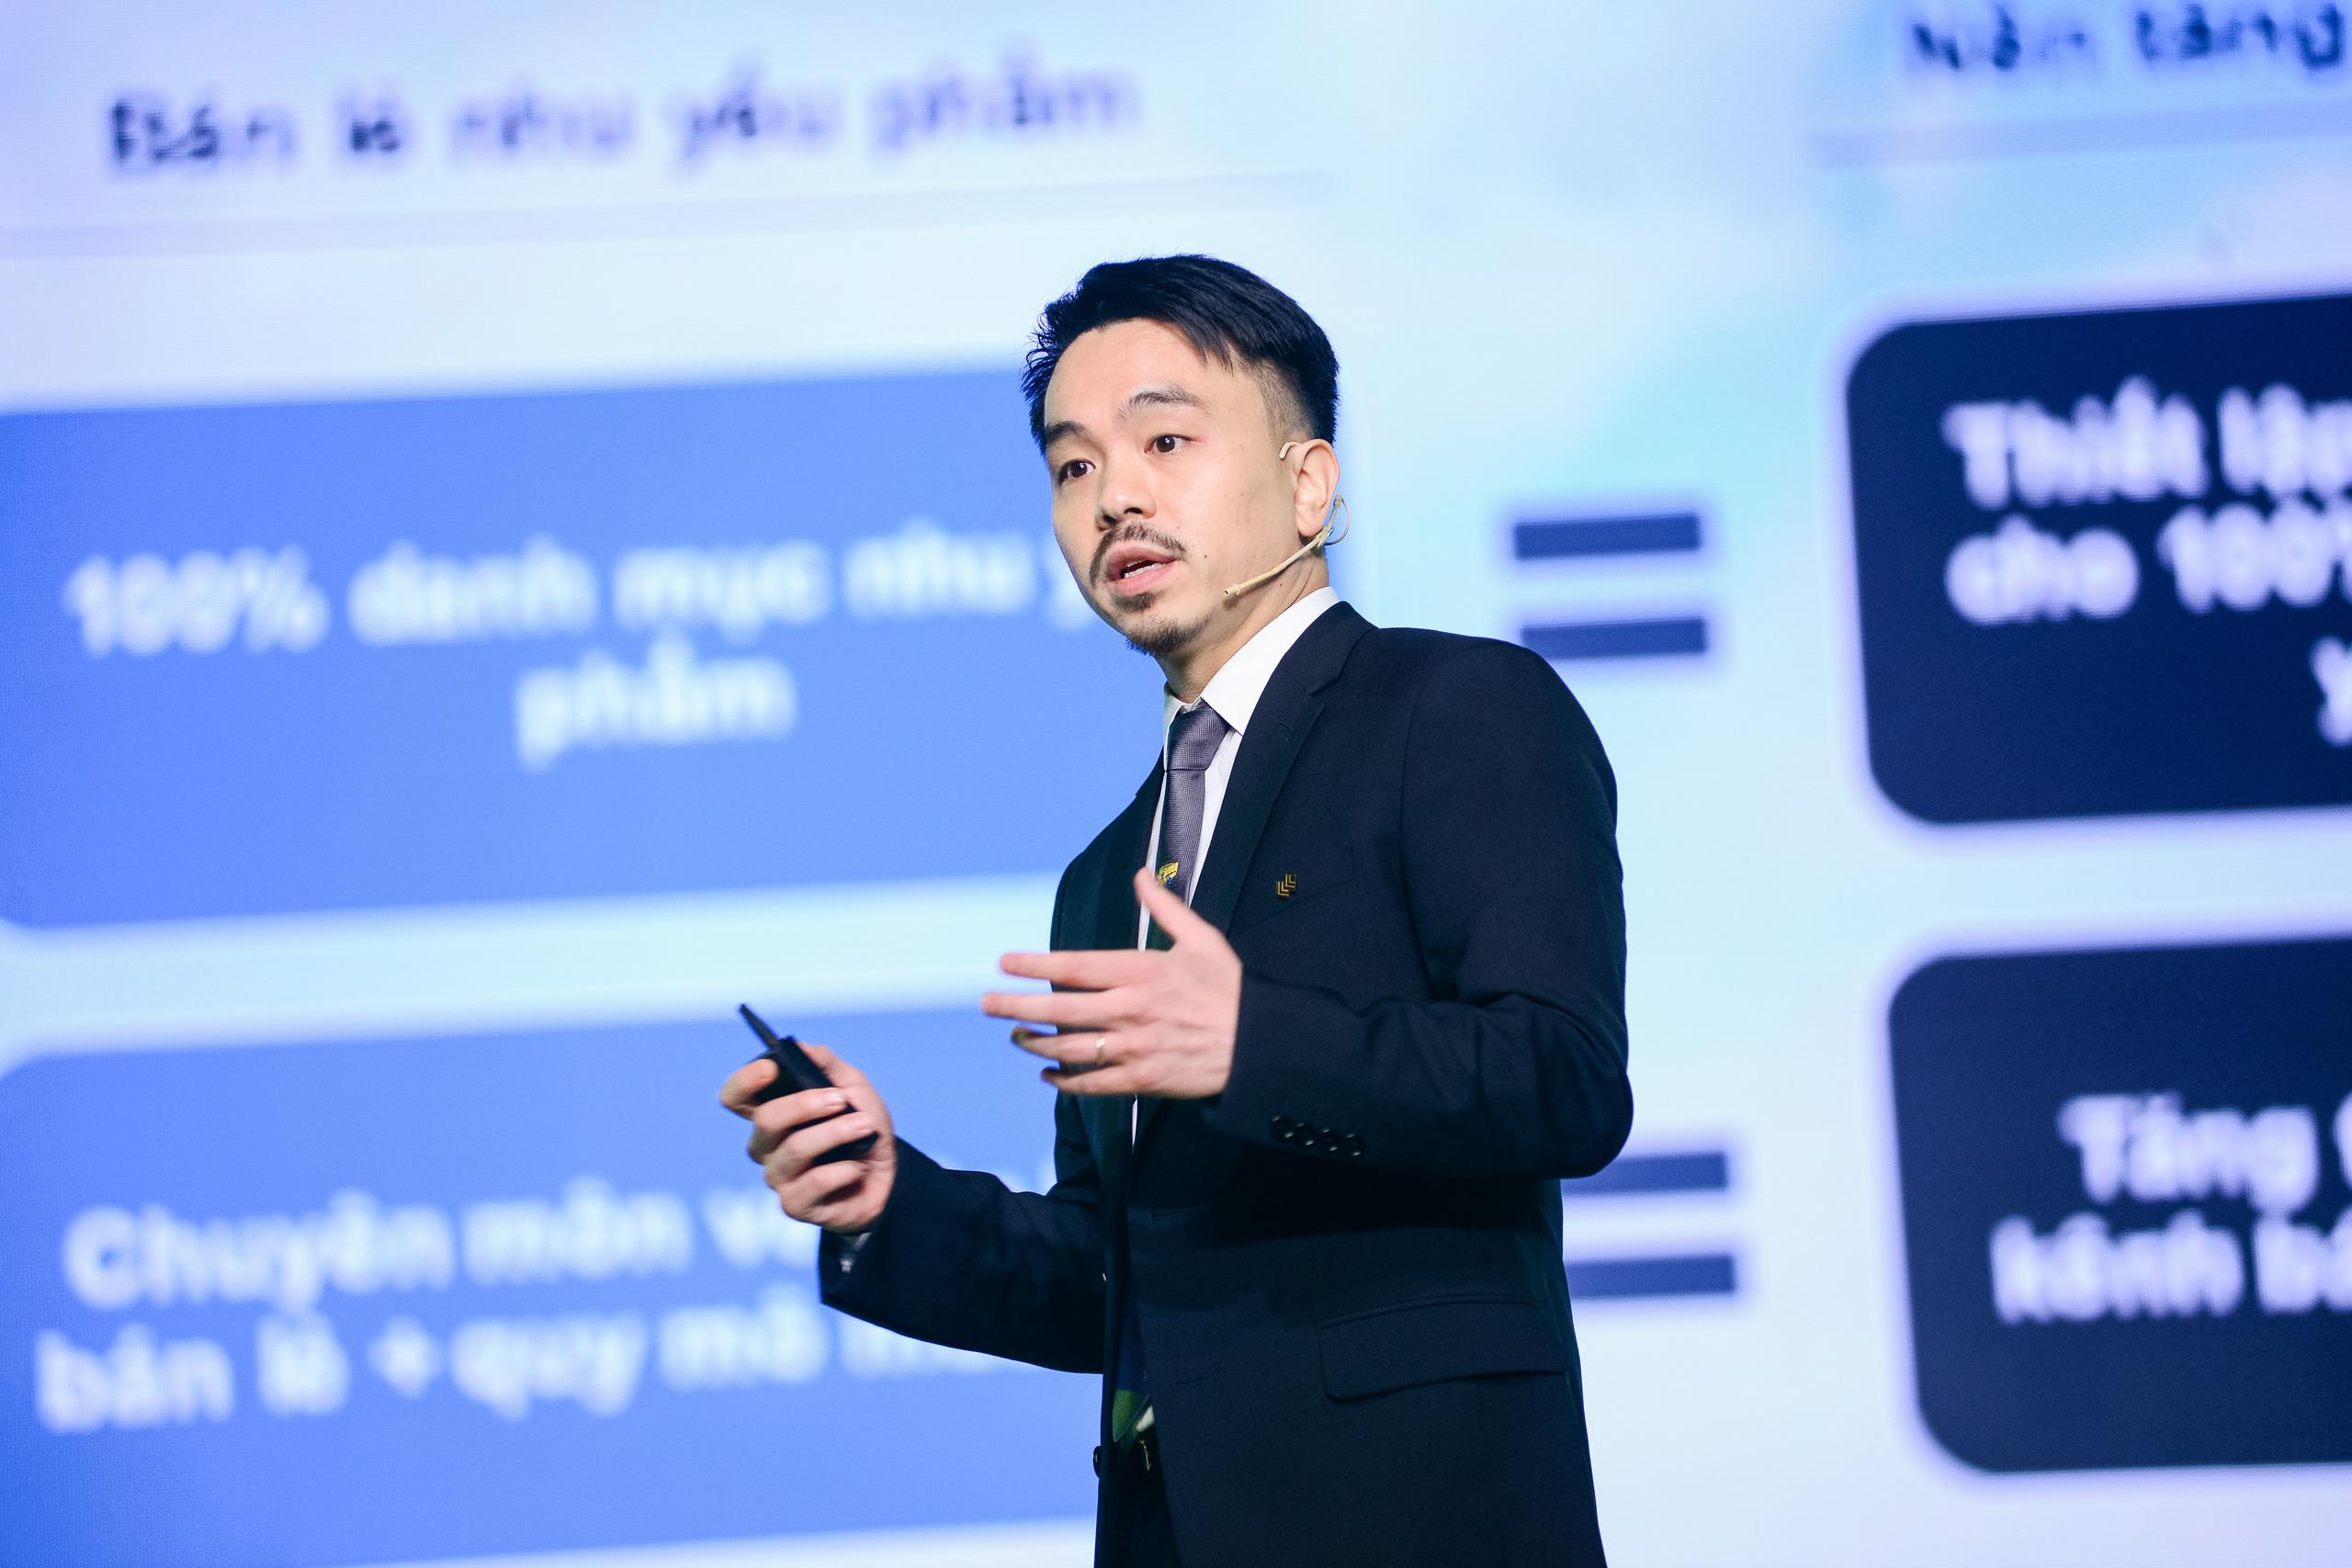 Hé lộ đơn vị bán 16,3% cổ phần VinCommerce cho SK Group - Ảnh 1.